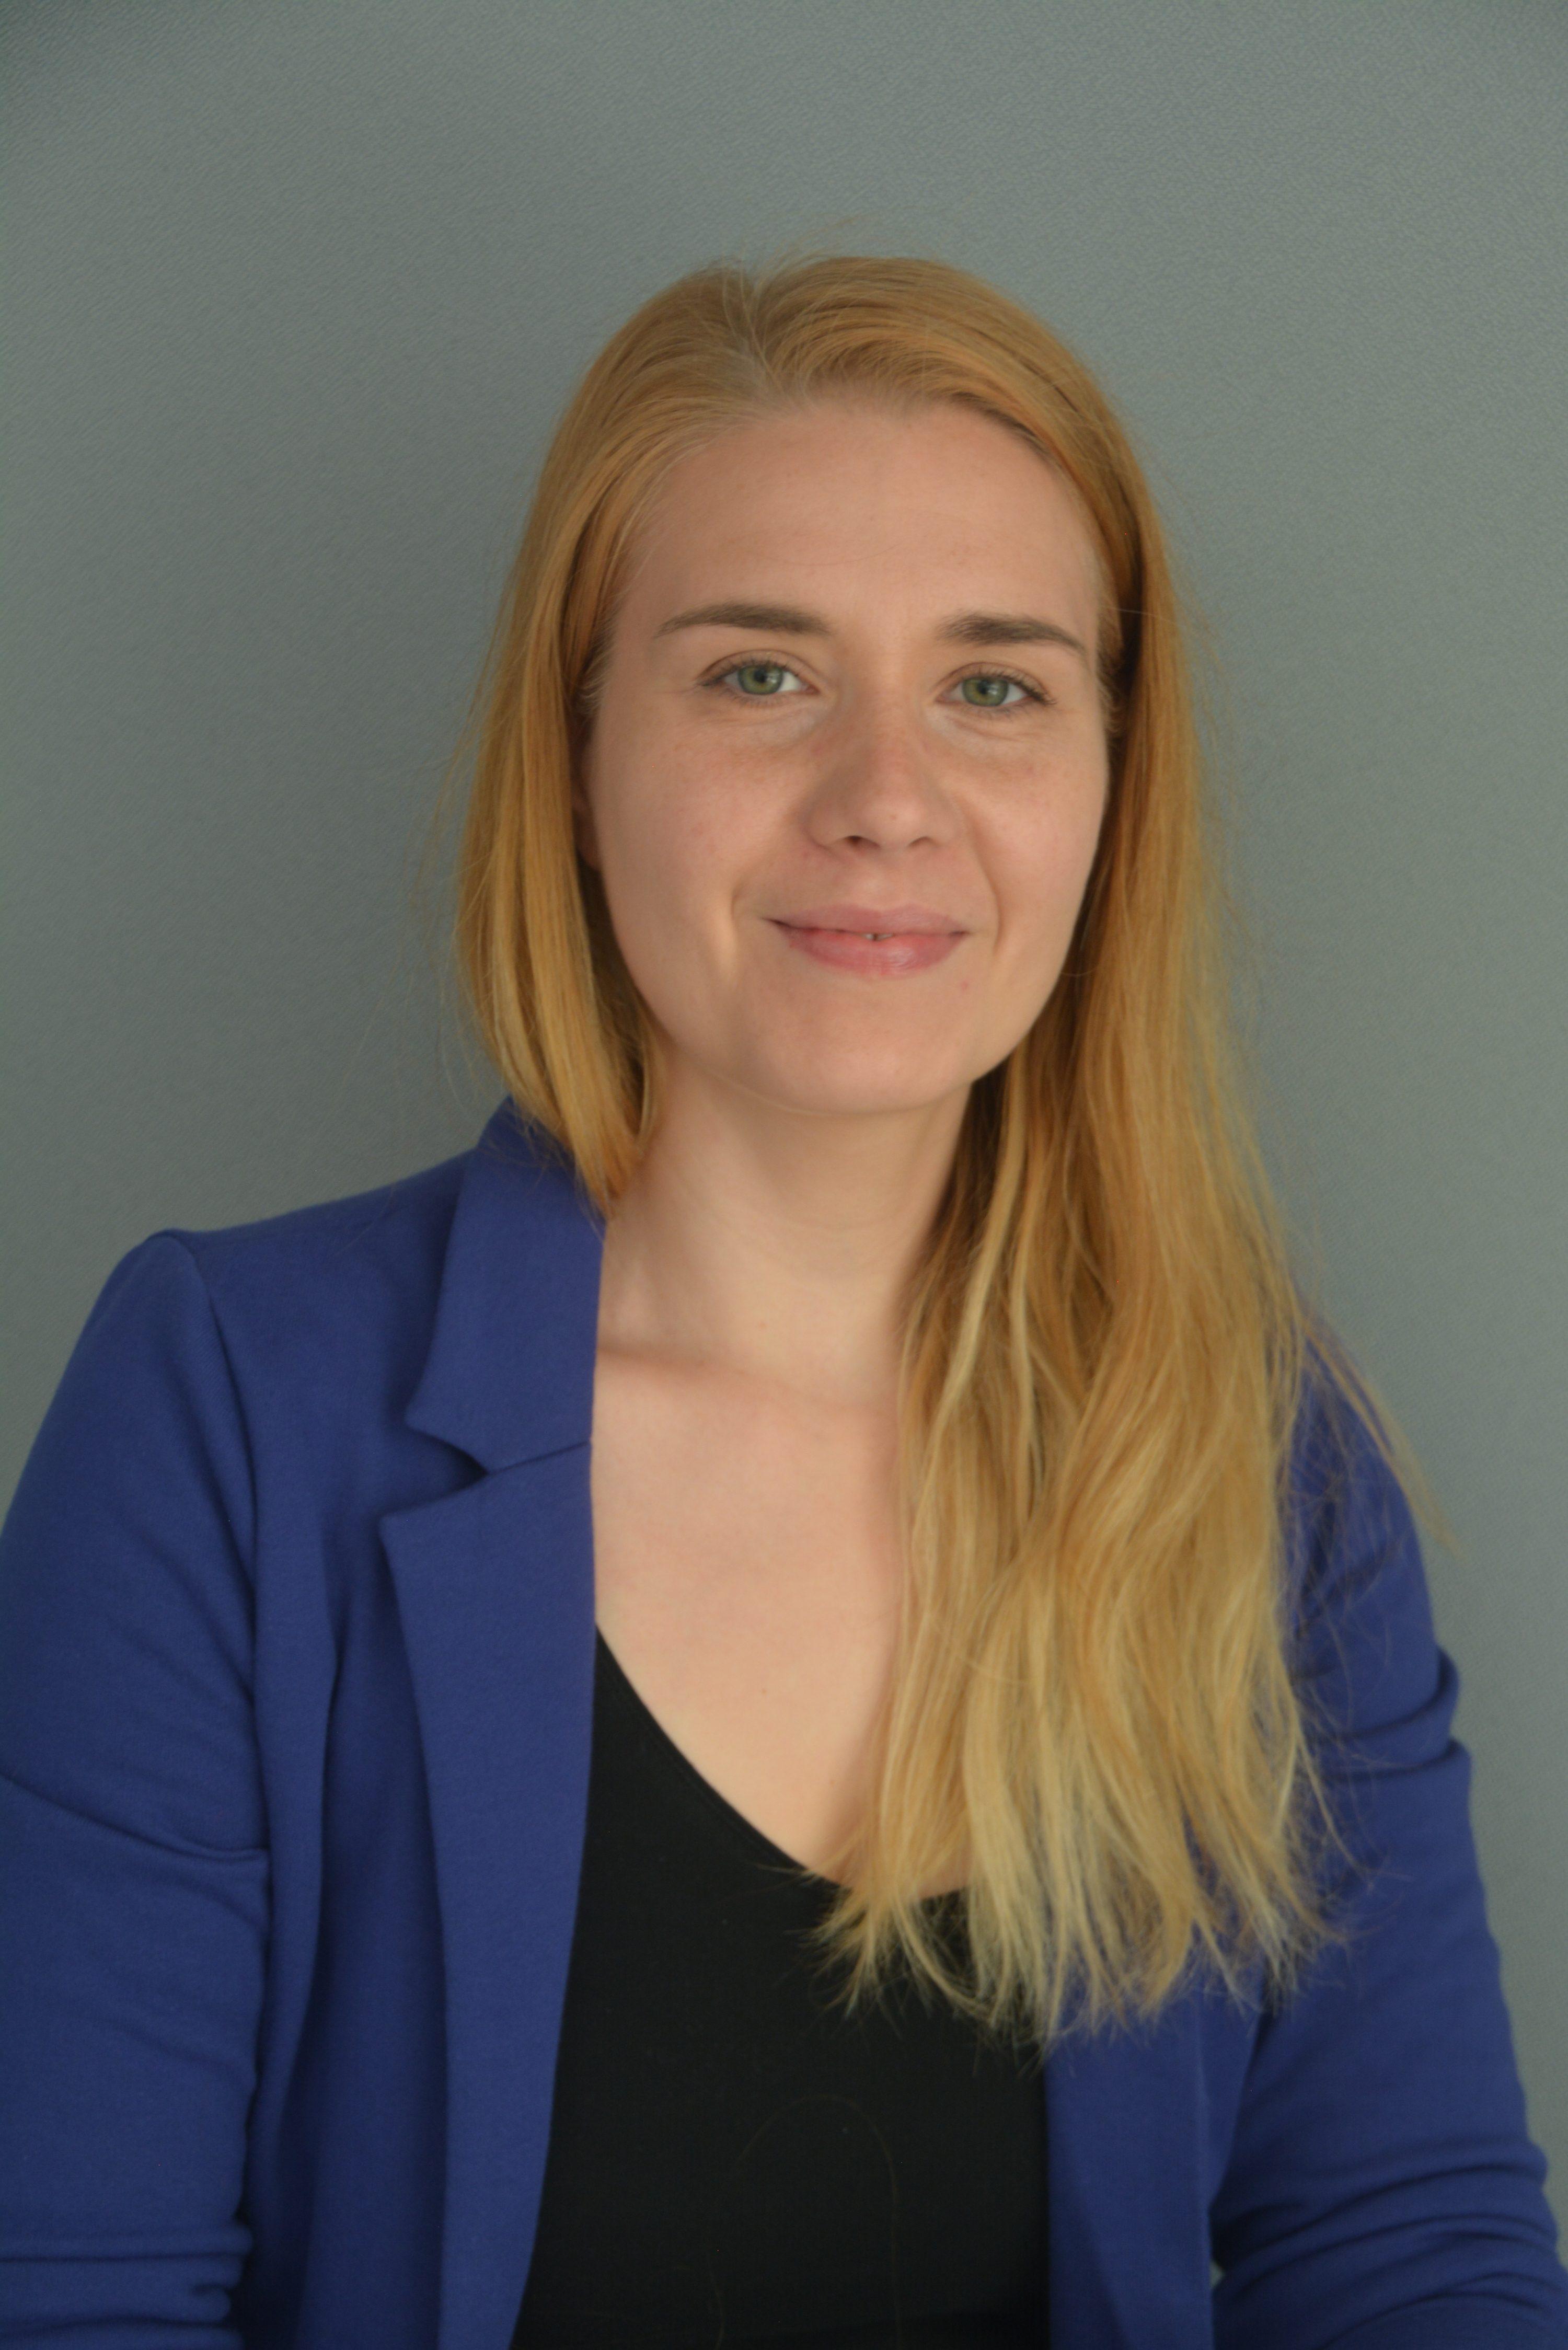 Ann-Kristin Miehe